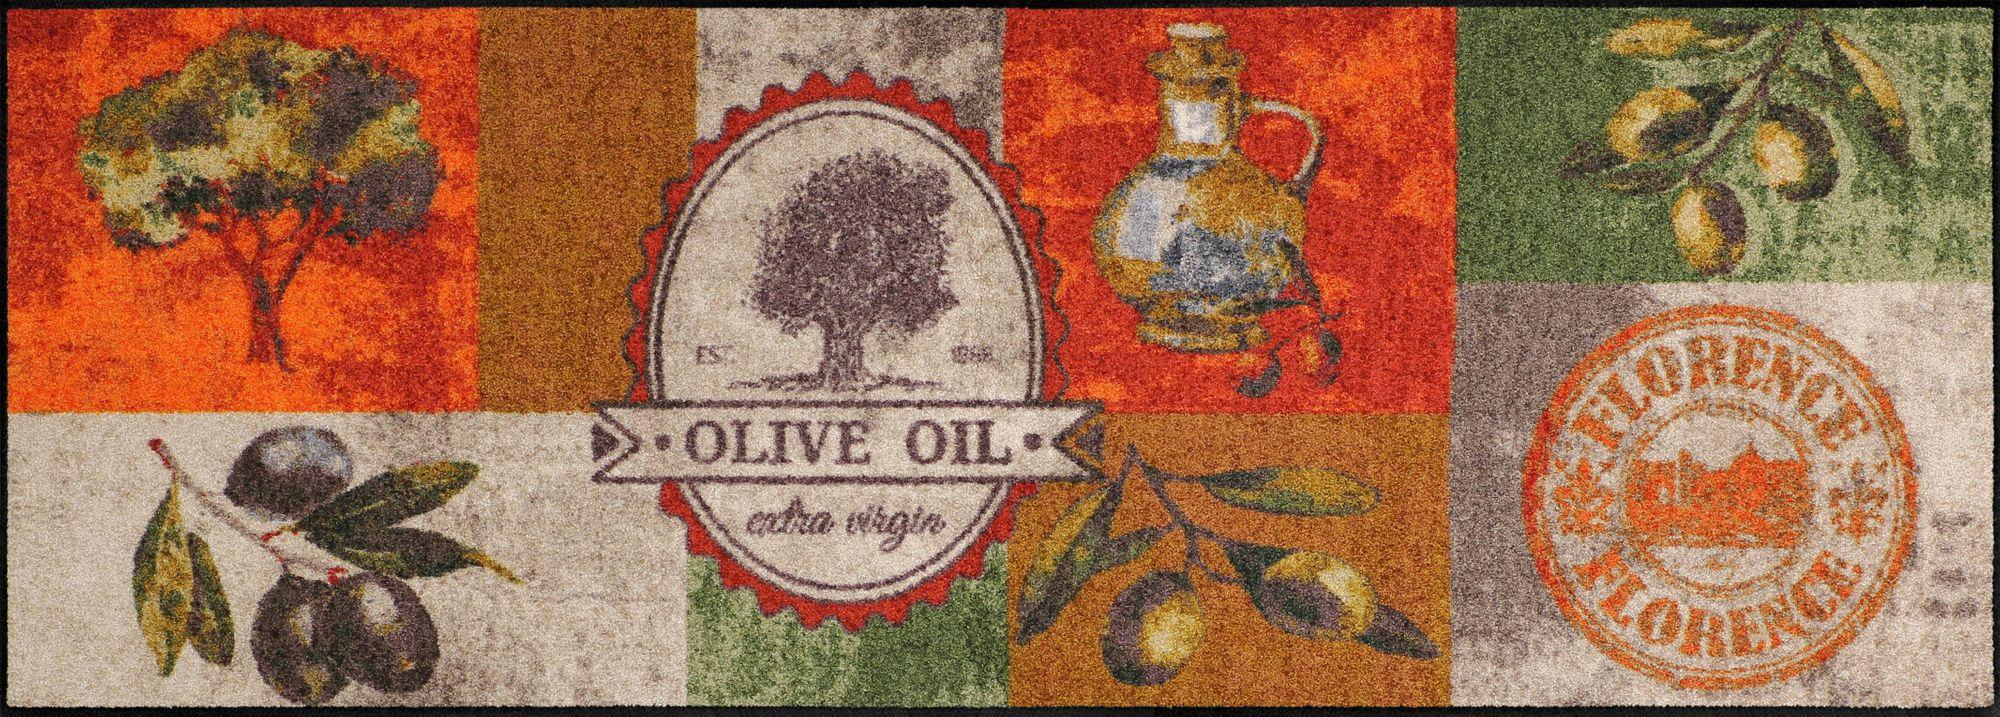 salonloewe k chenteppich olive oil waschbar trocknergeeignet rutschfest. Black Bedroom Furniture Sets. Home Design Ideas